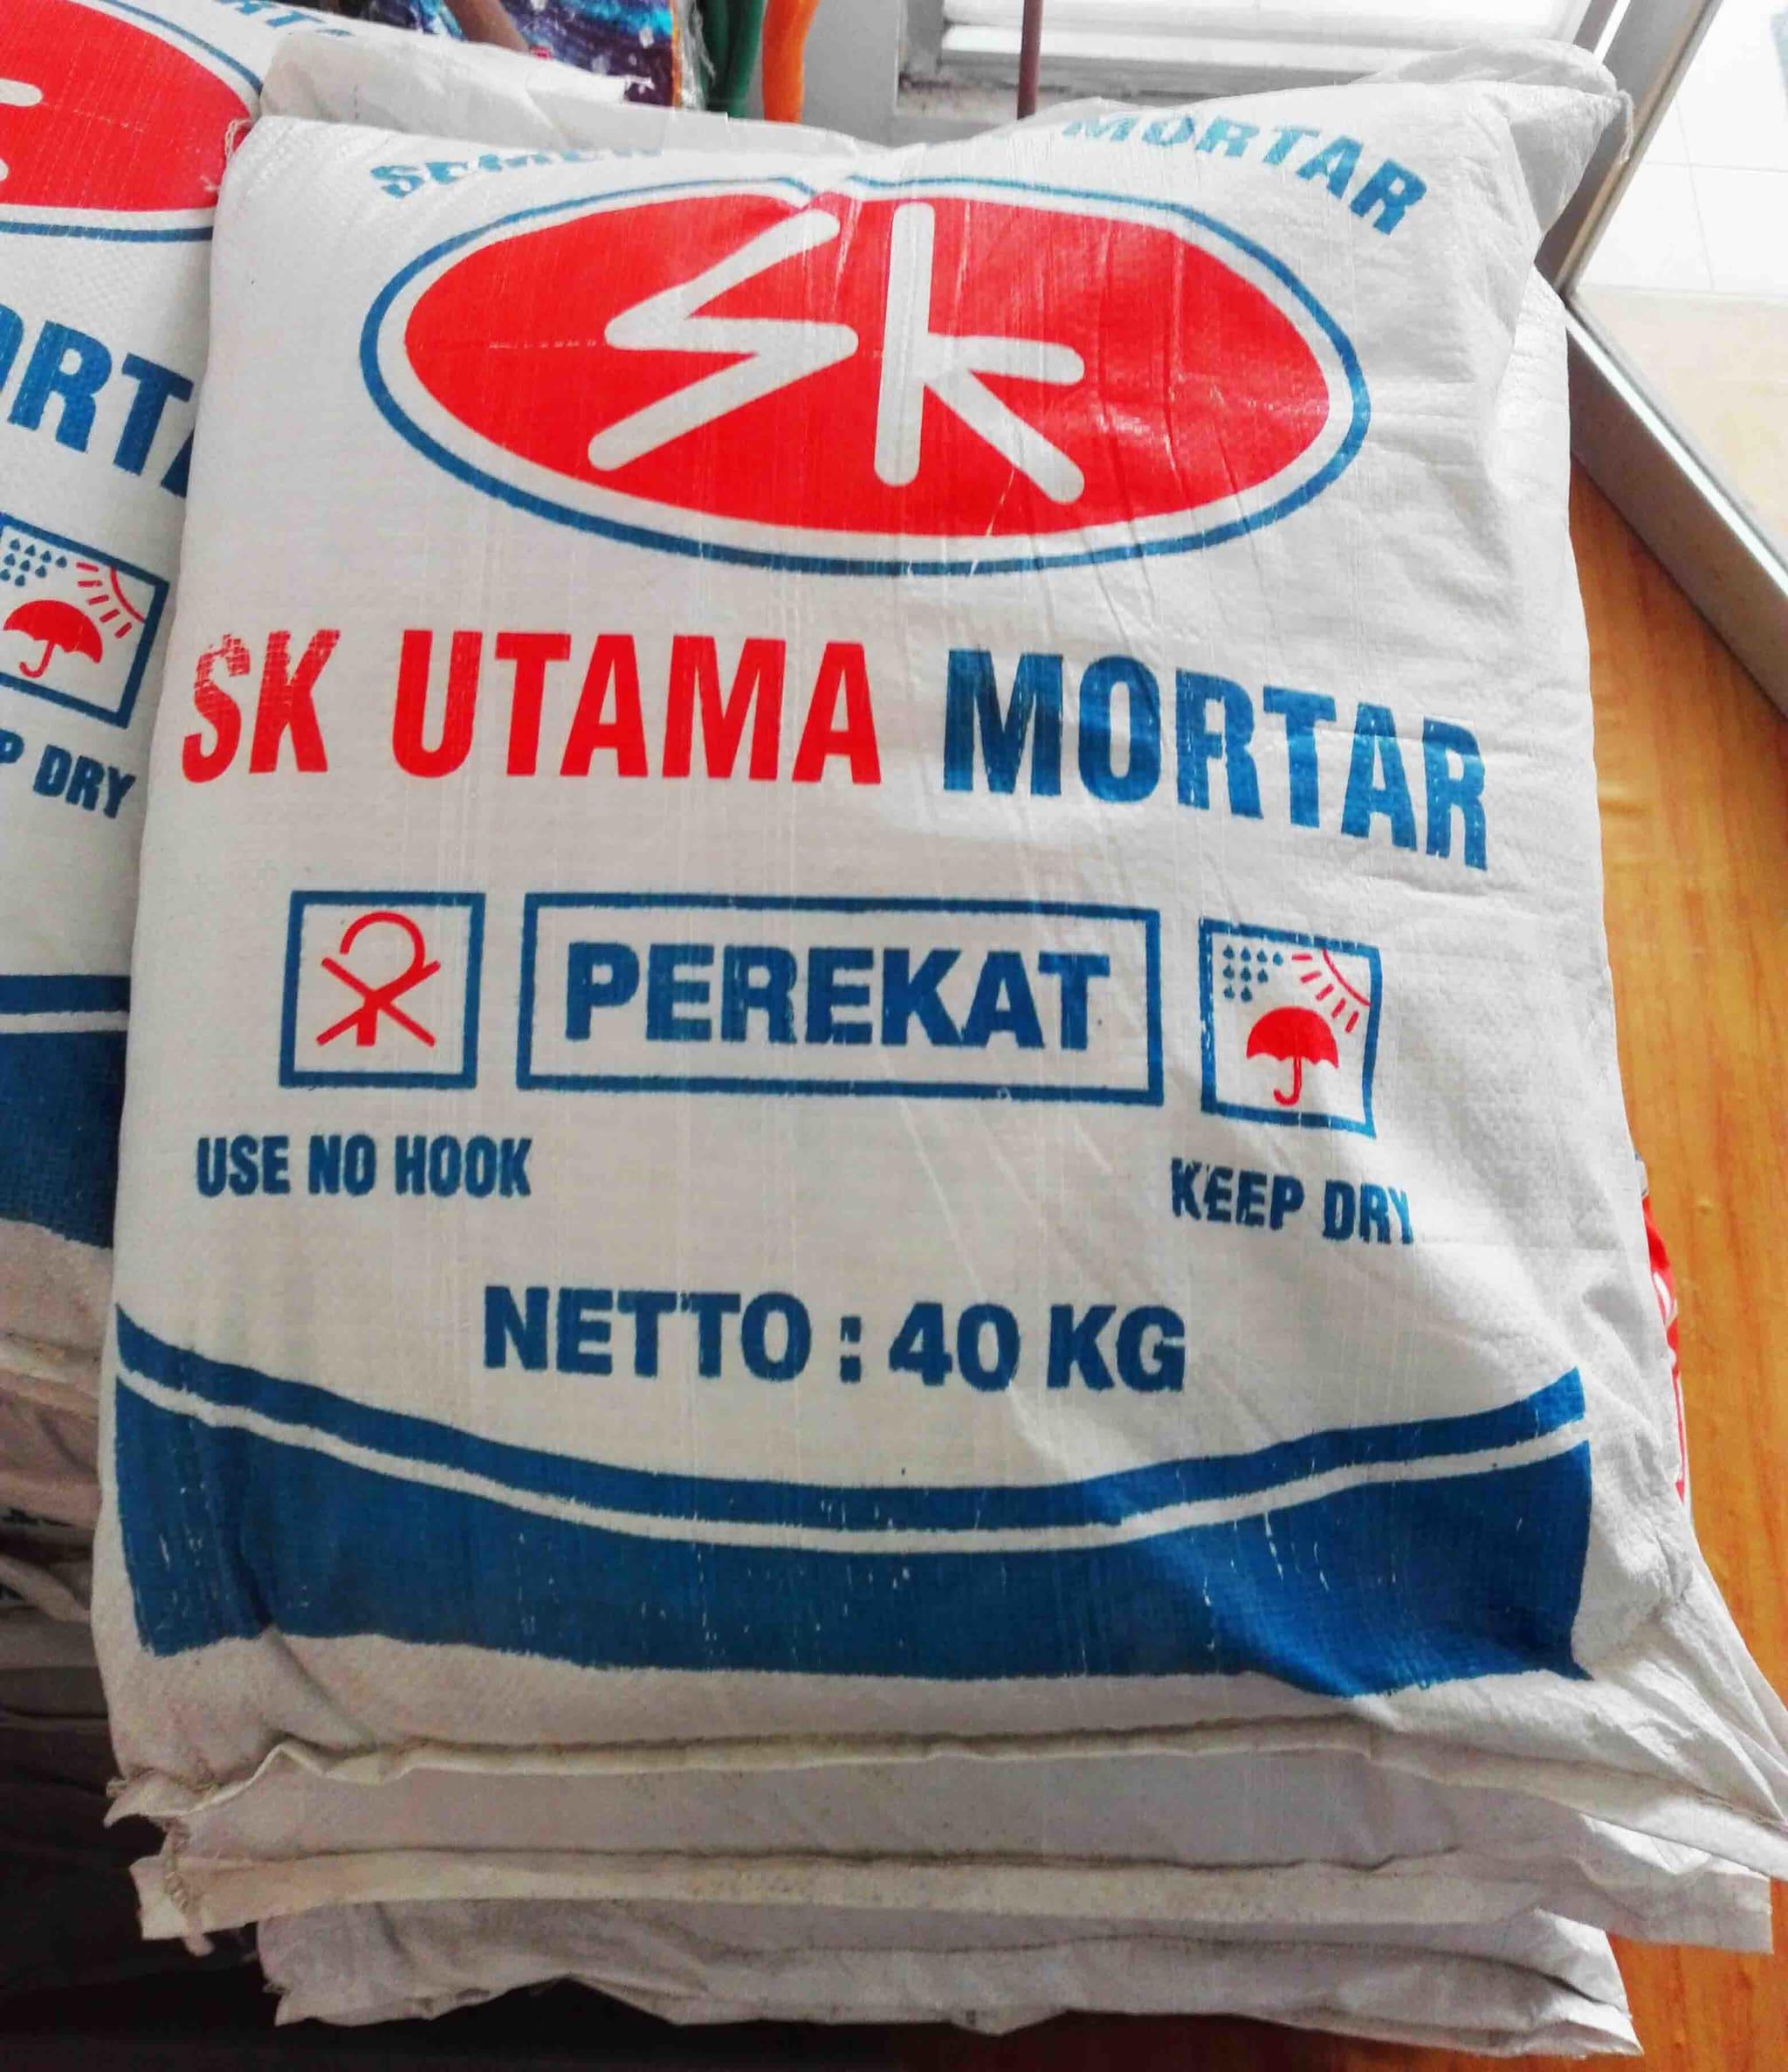 Jual Semen Mortar SK Utama